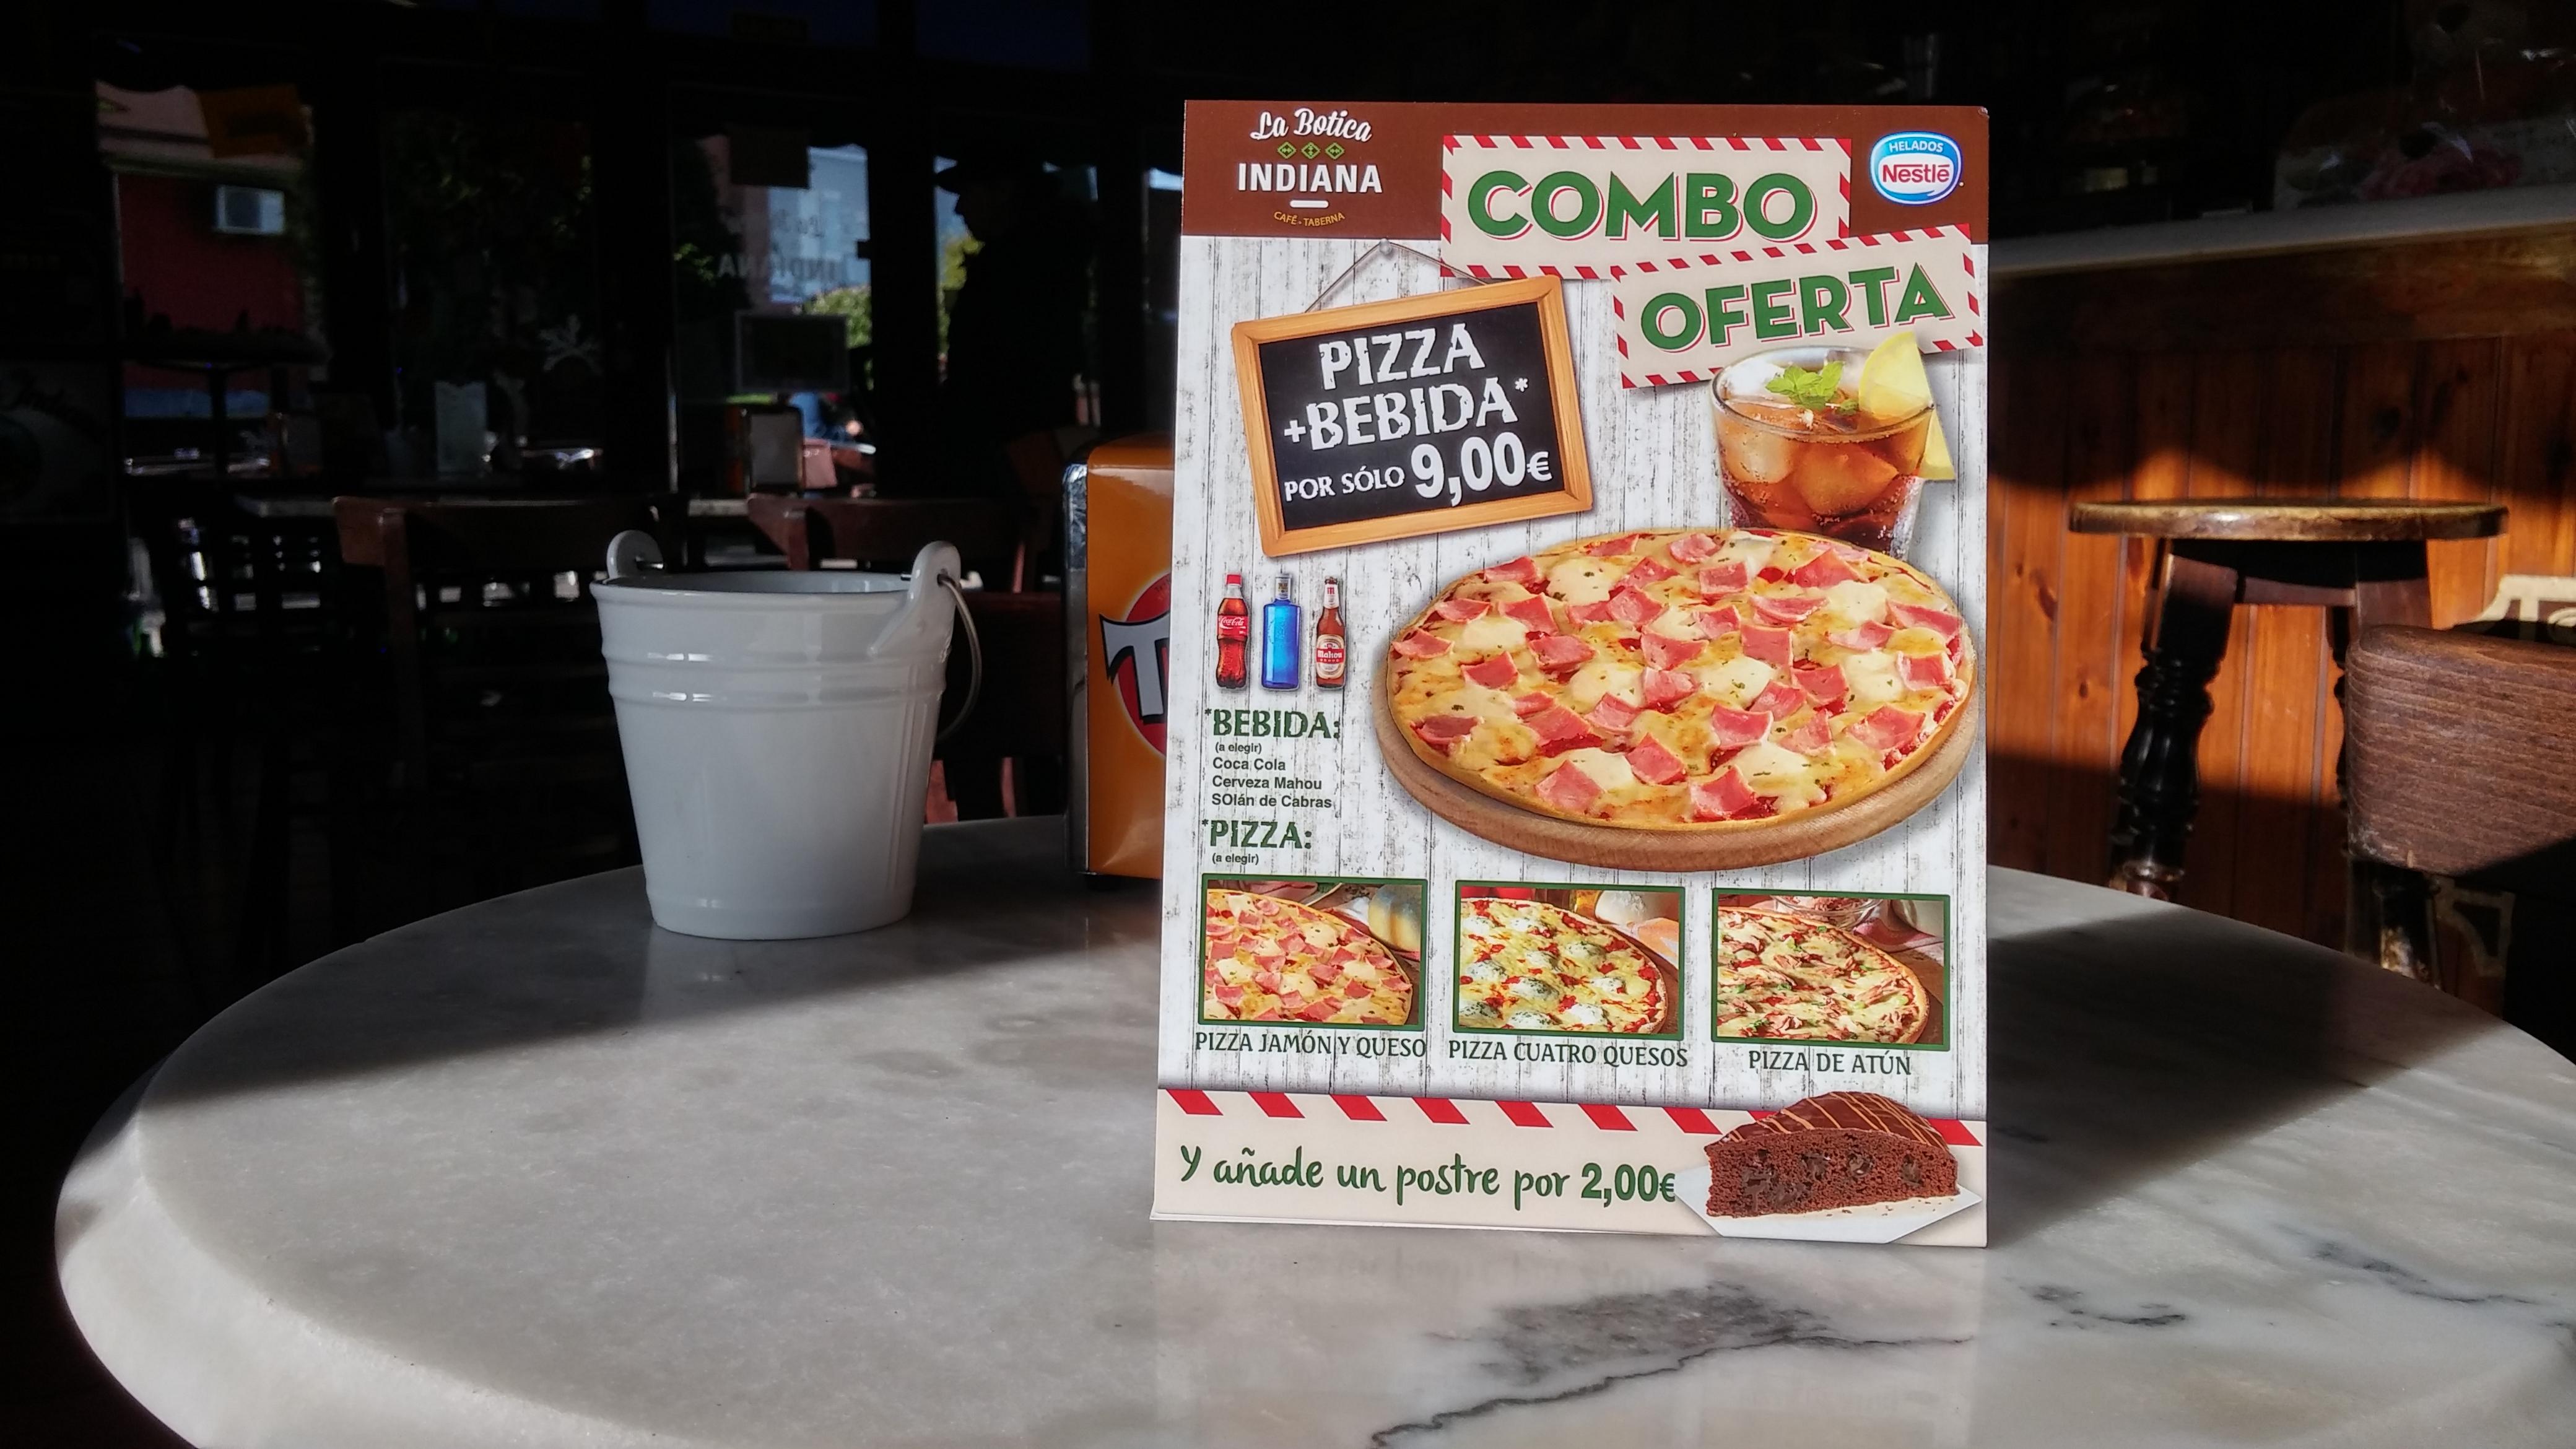 Pizzas en La Botica Indiana de Colloto